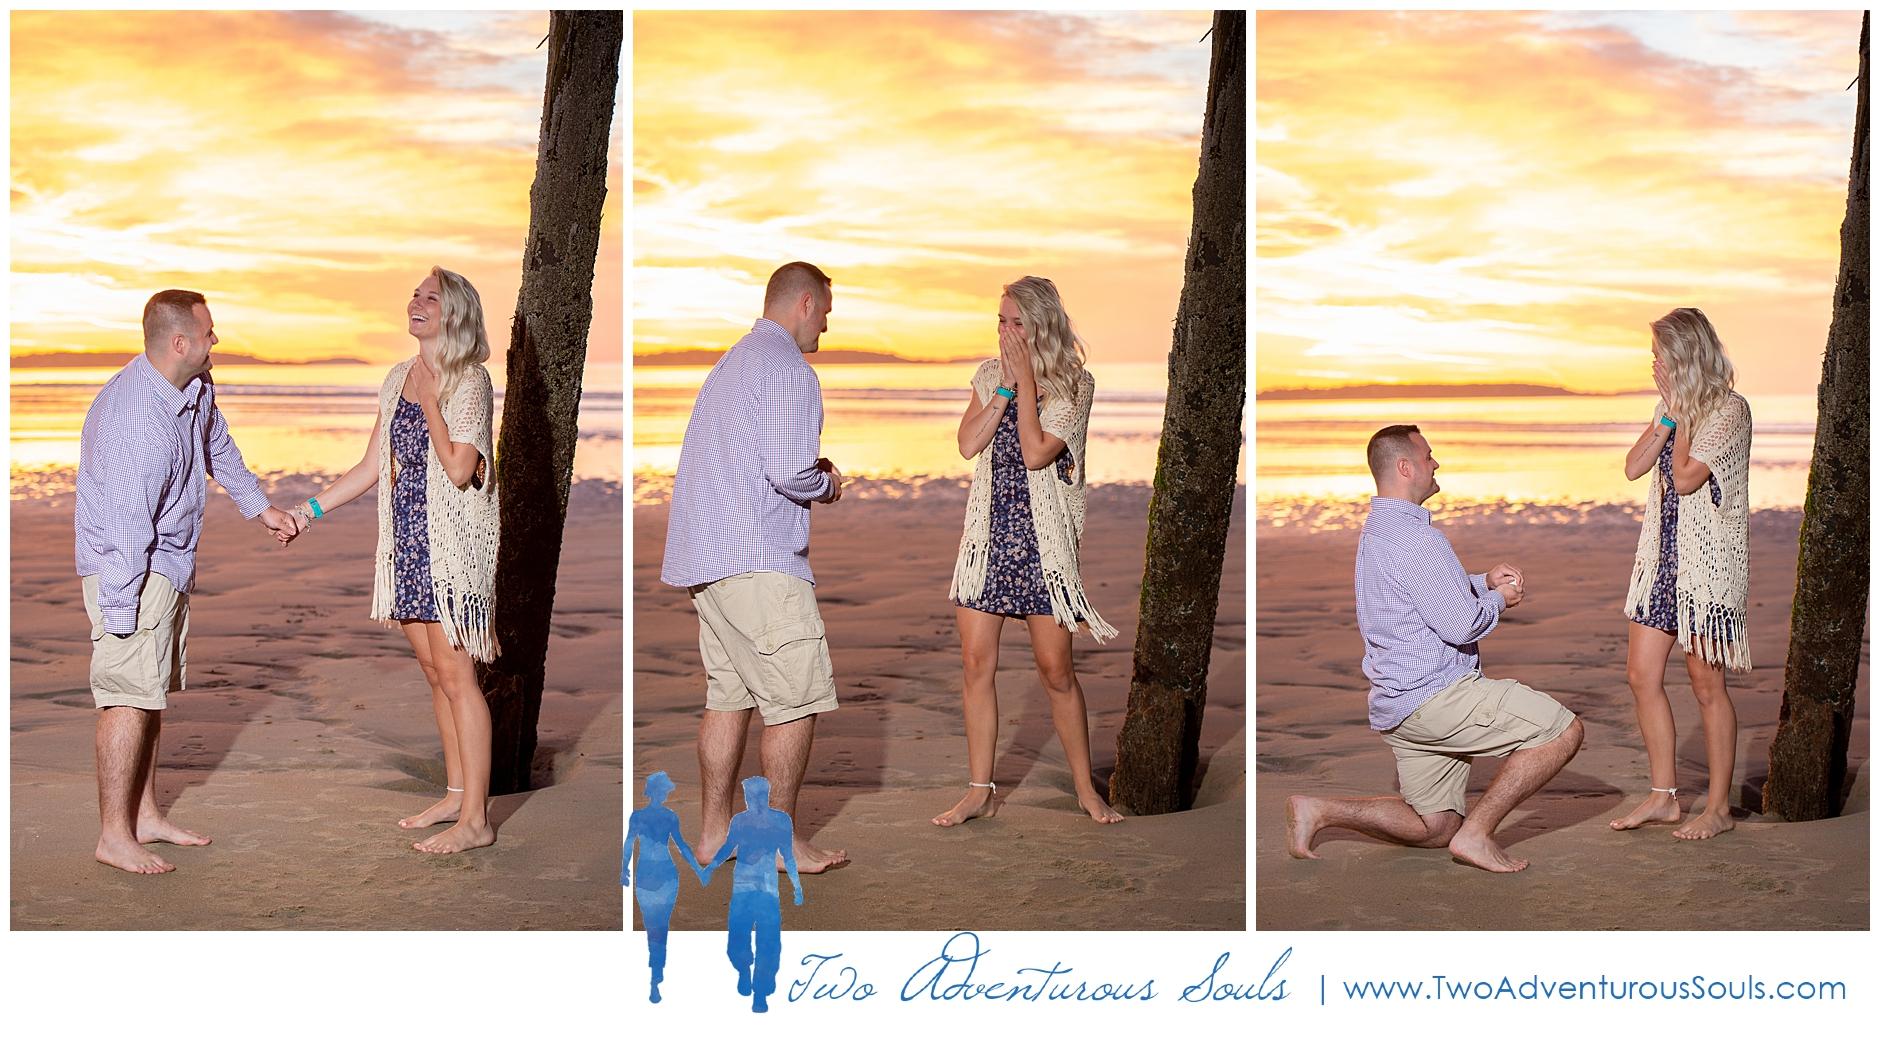 Maine Wedding Photographers, Surprise Proposal Photographers, Maine Elopement Photographers, Two Adventurous Souls-blogcontent_0004.jpg